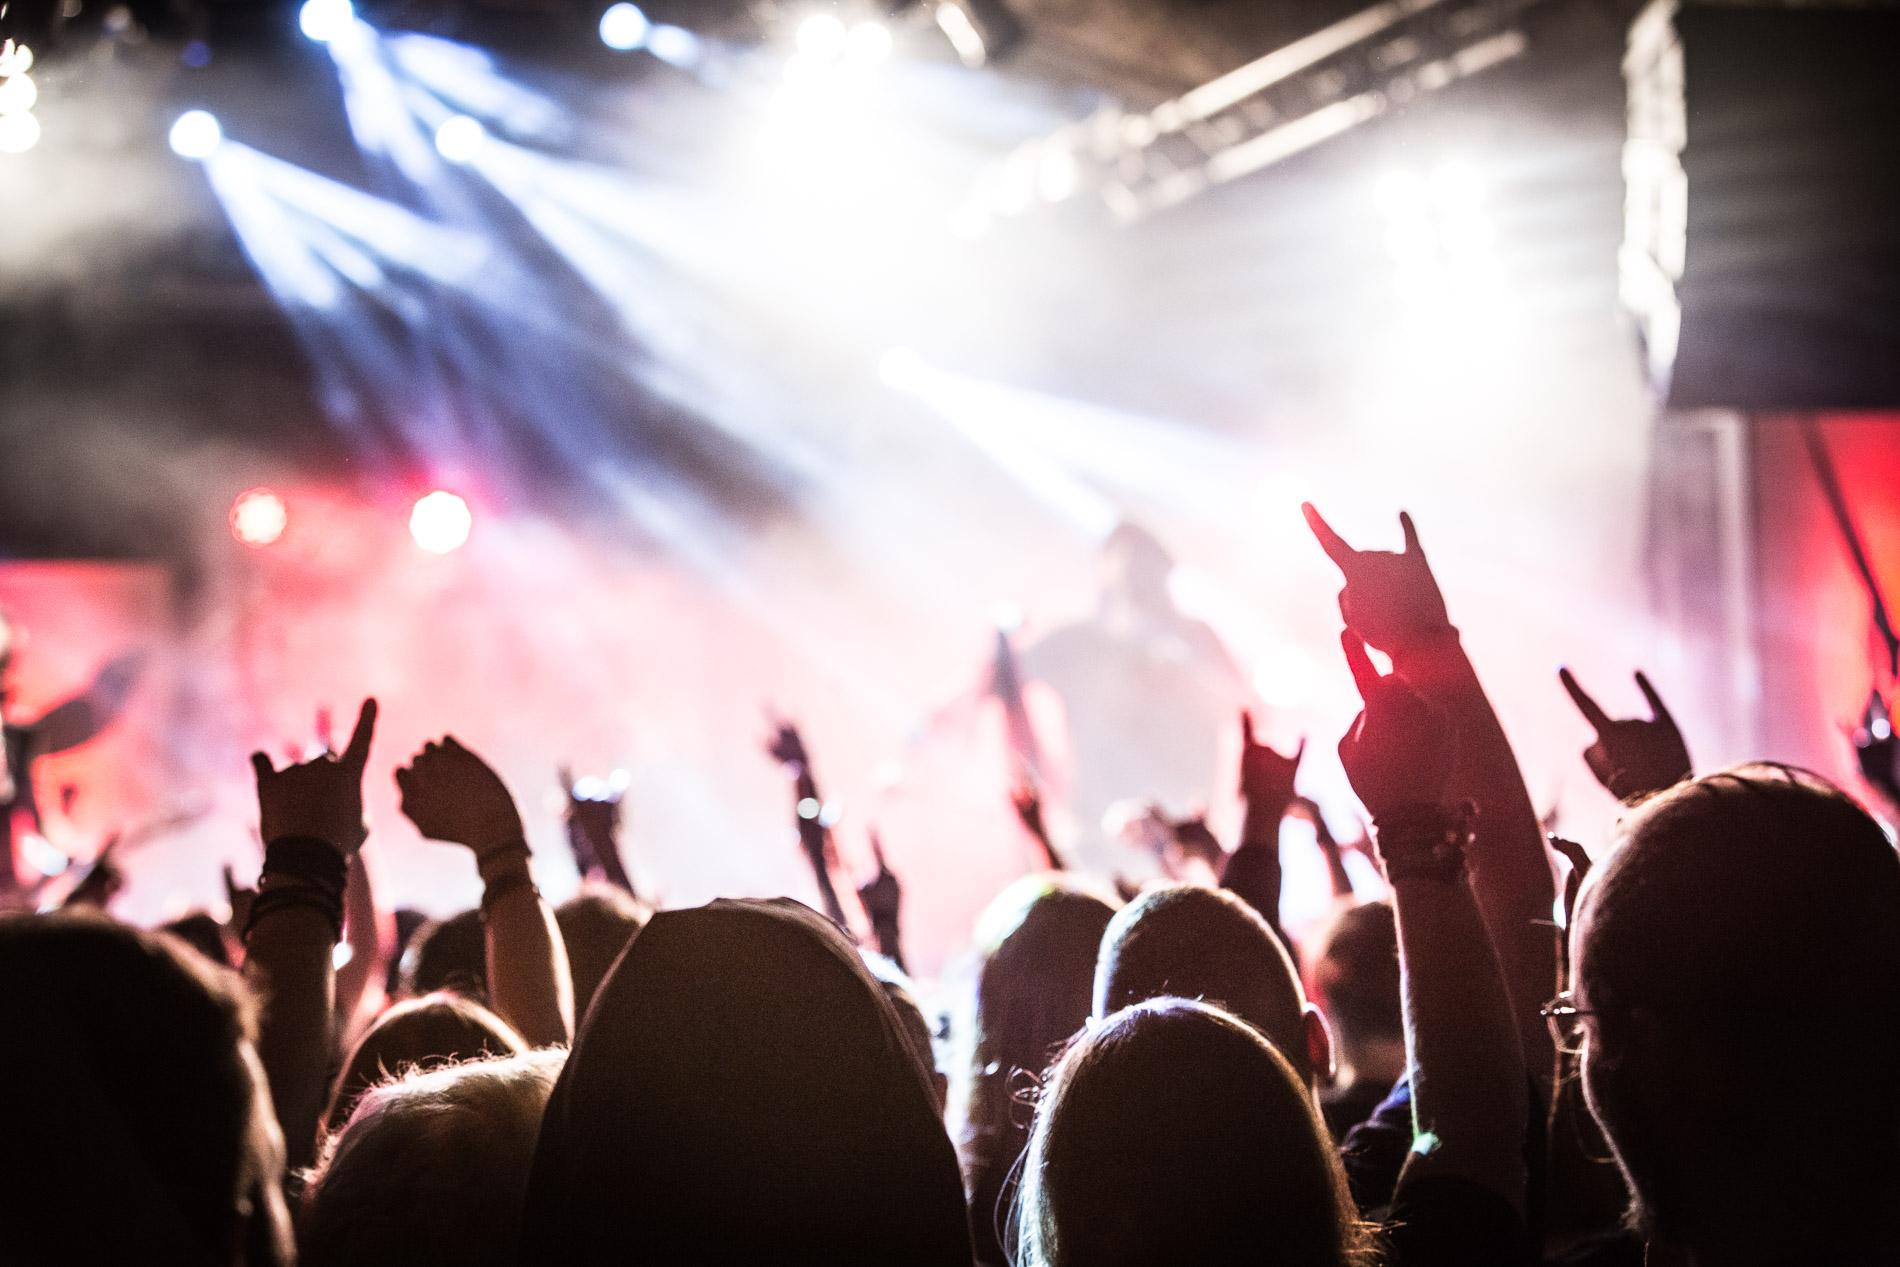 musica crowd 8 - Live: Beartooth  - Huxleys Neue Welt, Berlin  - 05.03.2020